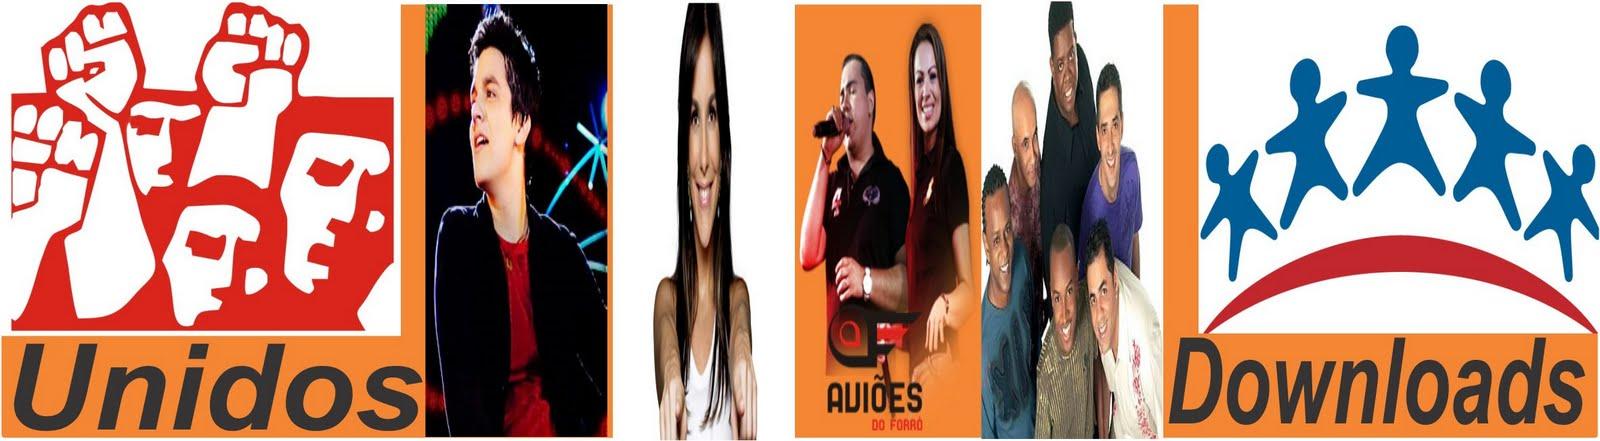 Unidos Downloads